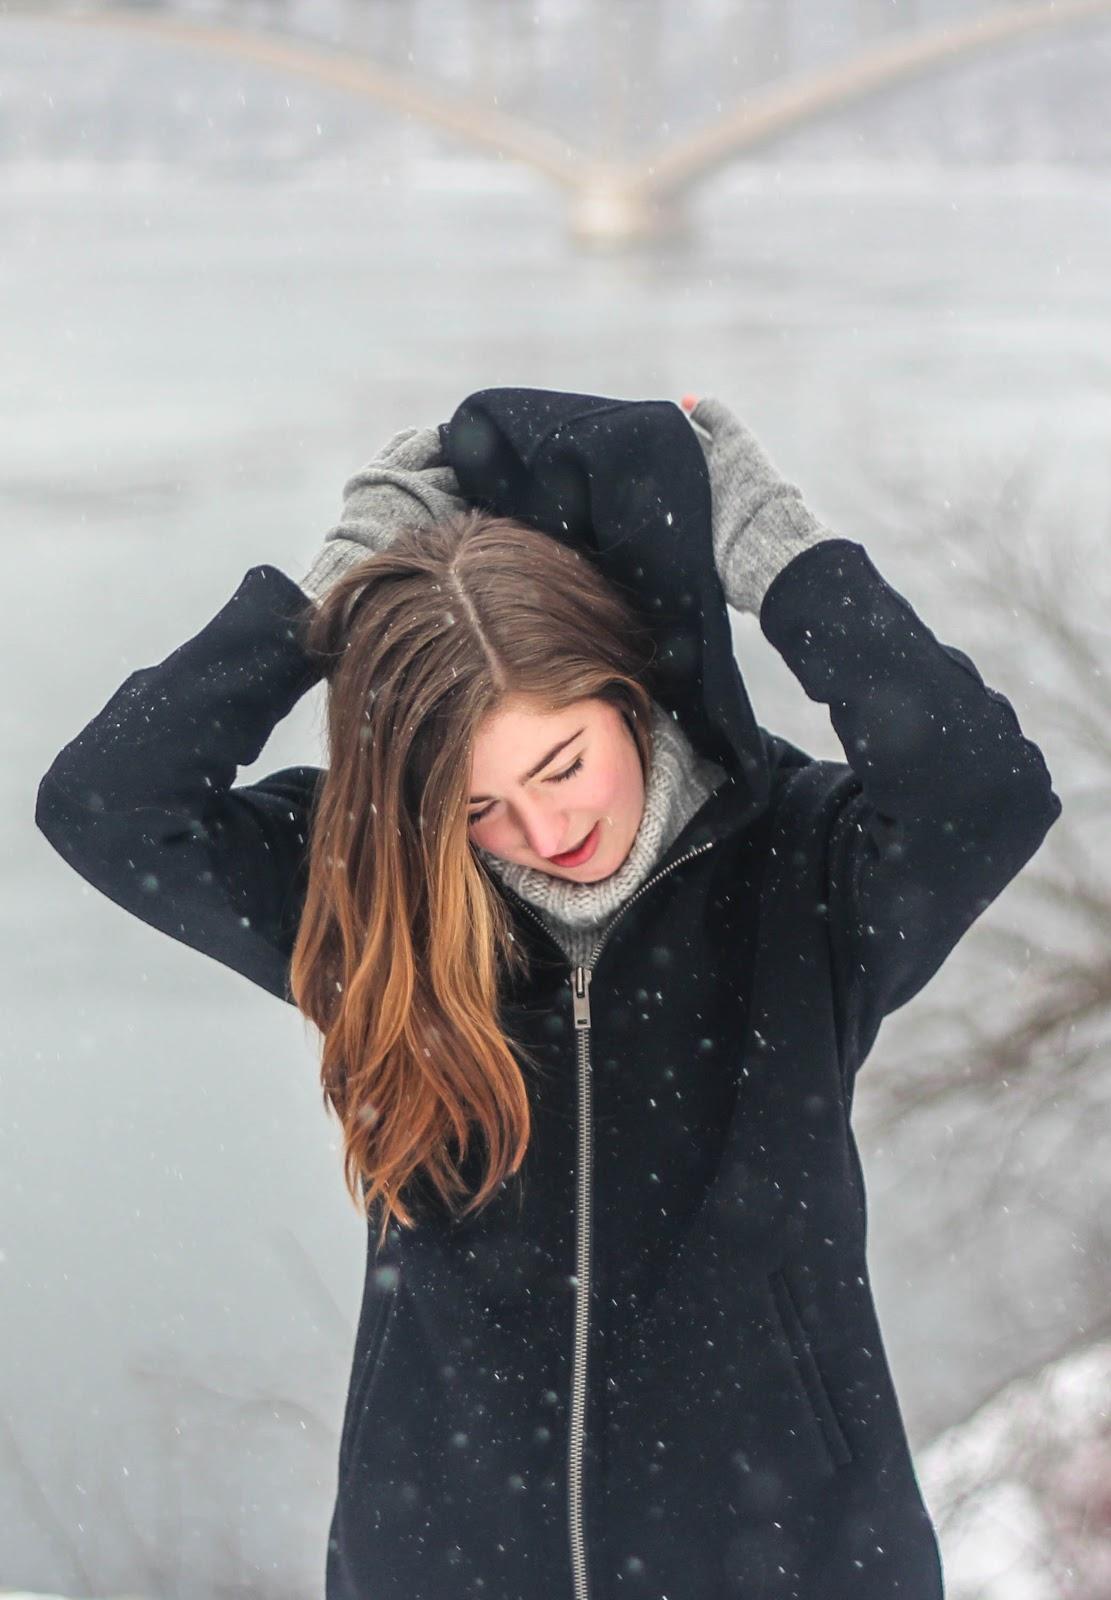 小雪が舞う中で頭を下げて紺色のコートのフードを両手で持ち上げる女性